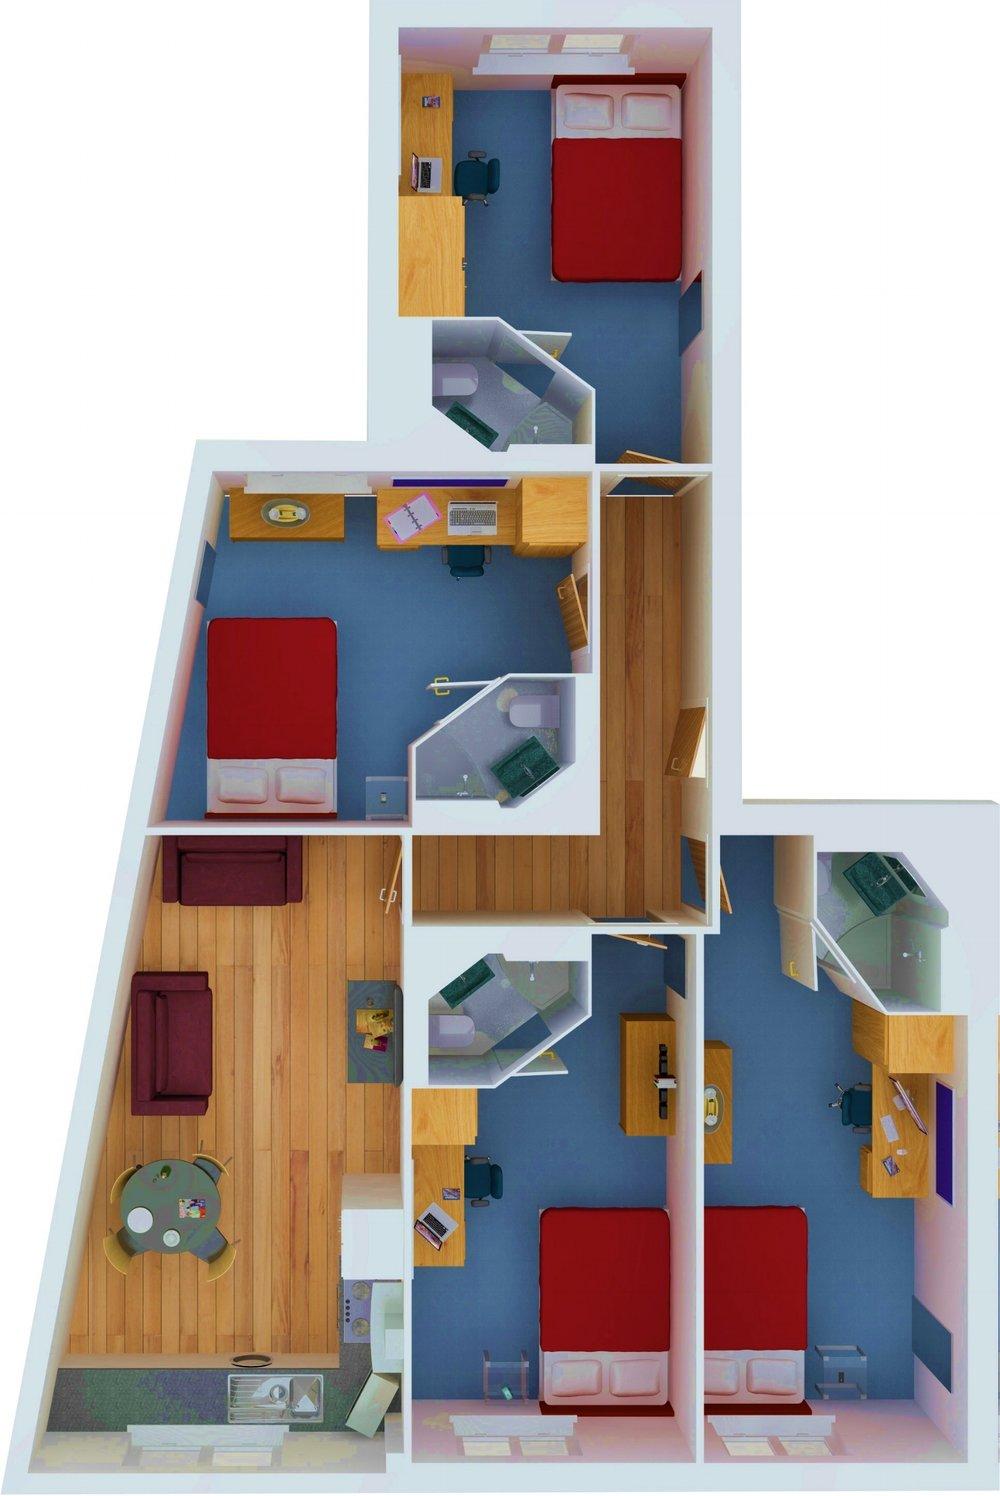 Grange 4bed (Phase 2).jpg